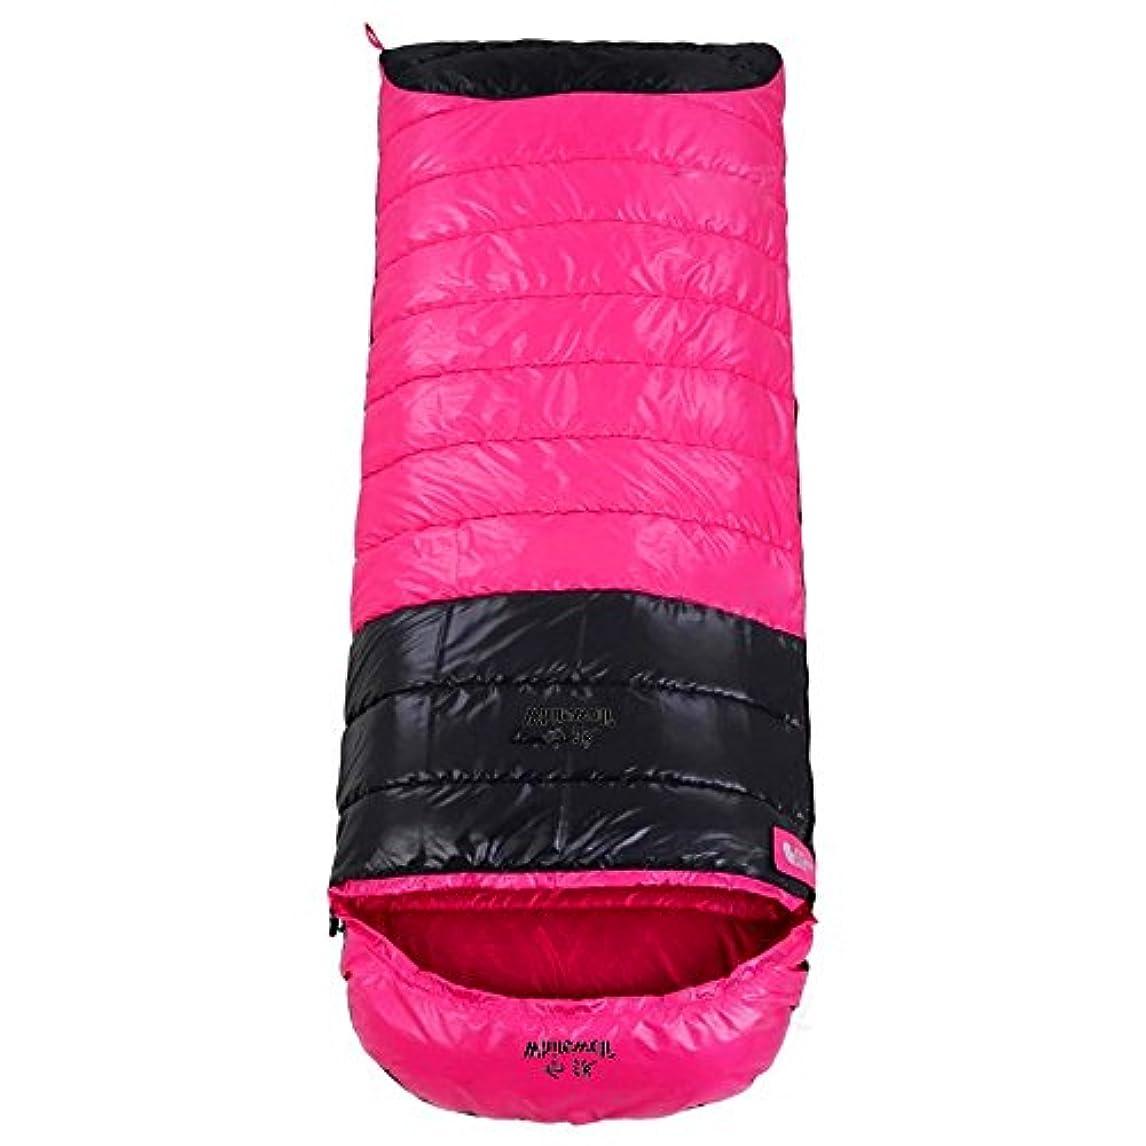 狐疑問を超えて完璧Okiiting 携帯用二重通気性の寝袋の暖かい絶縁材の強い二重寝袋の自由な延長品質保証 うまく設計された